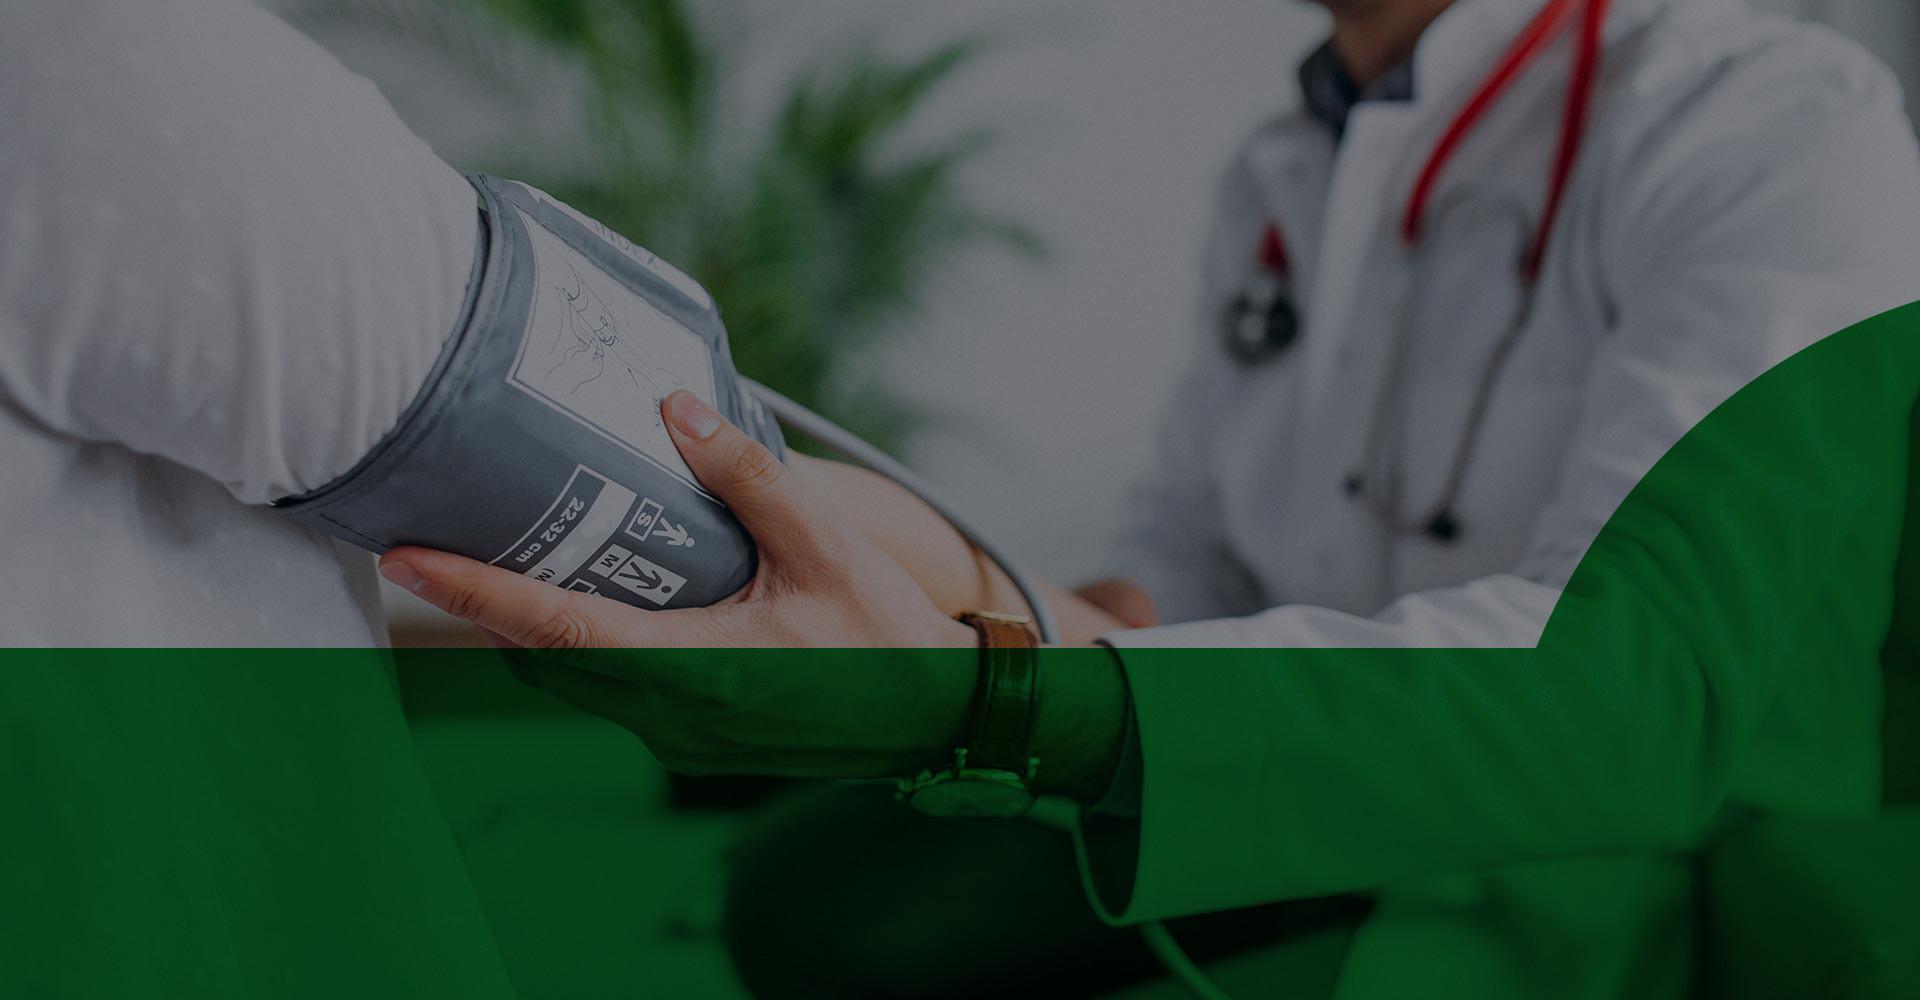 Medlabor<br>Medicina Laboratorial com Matriz localizada em Estância.